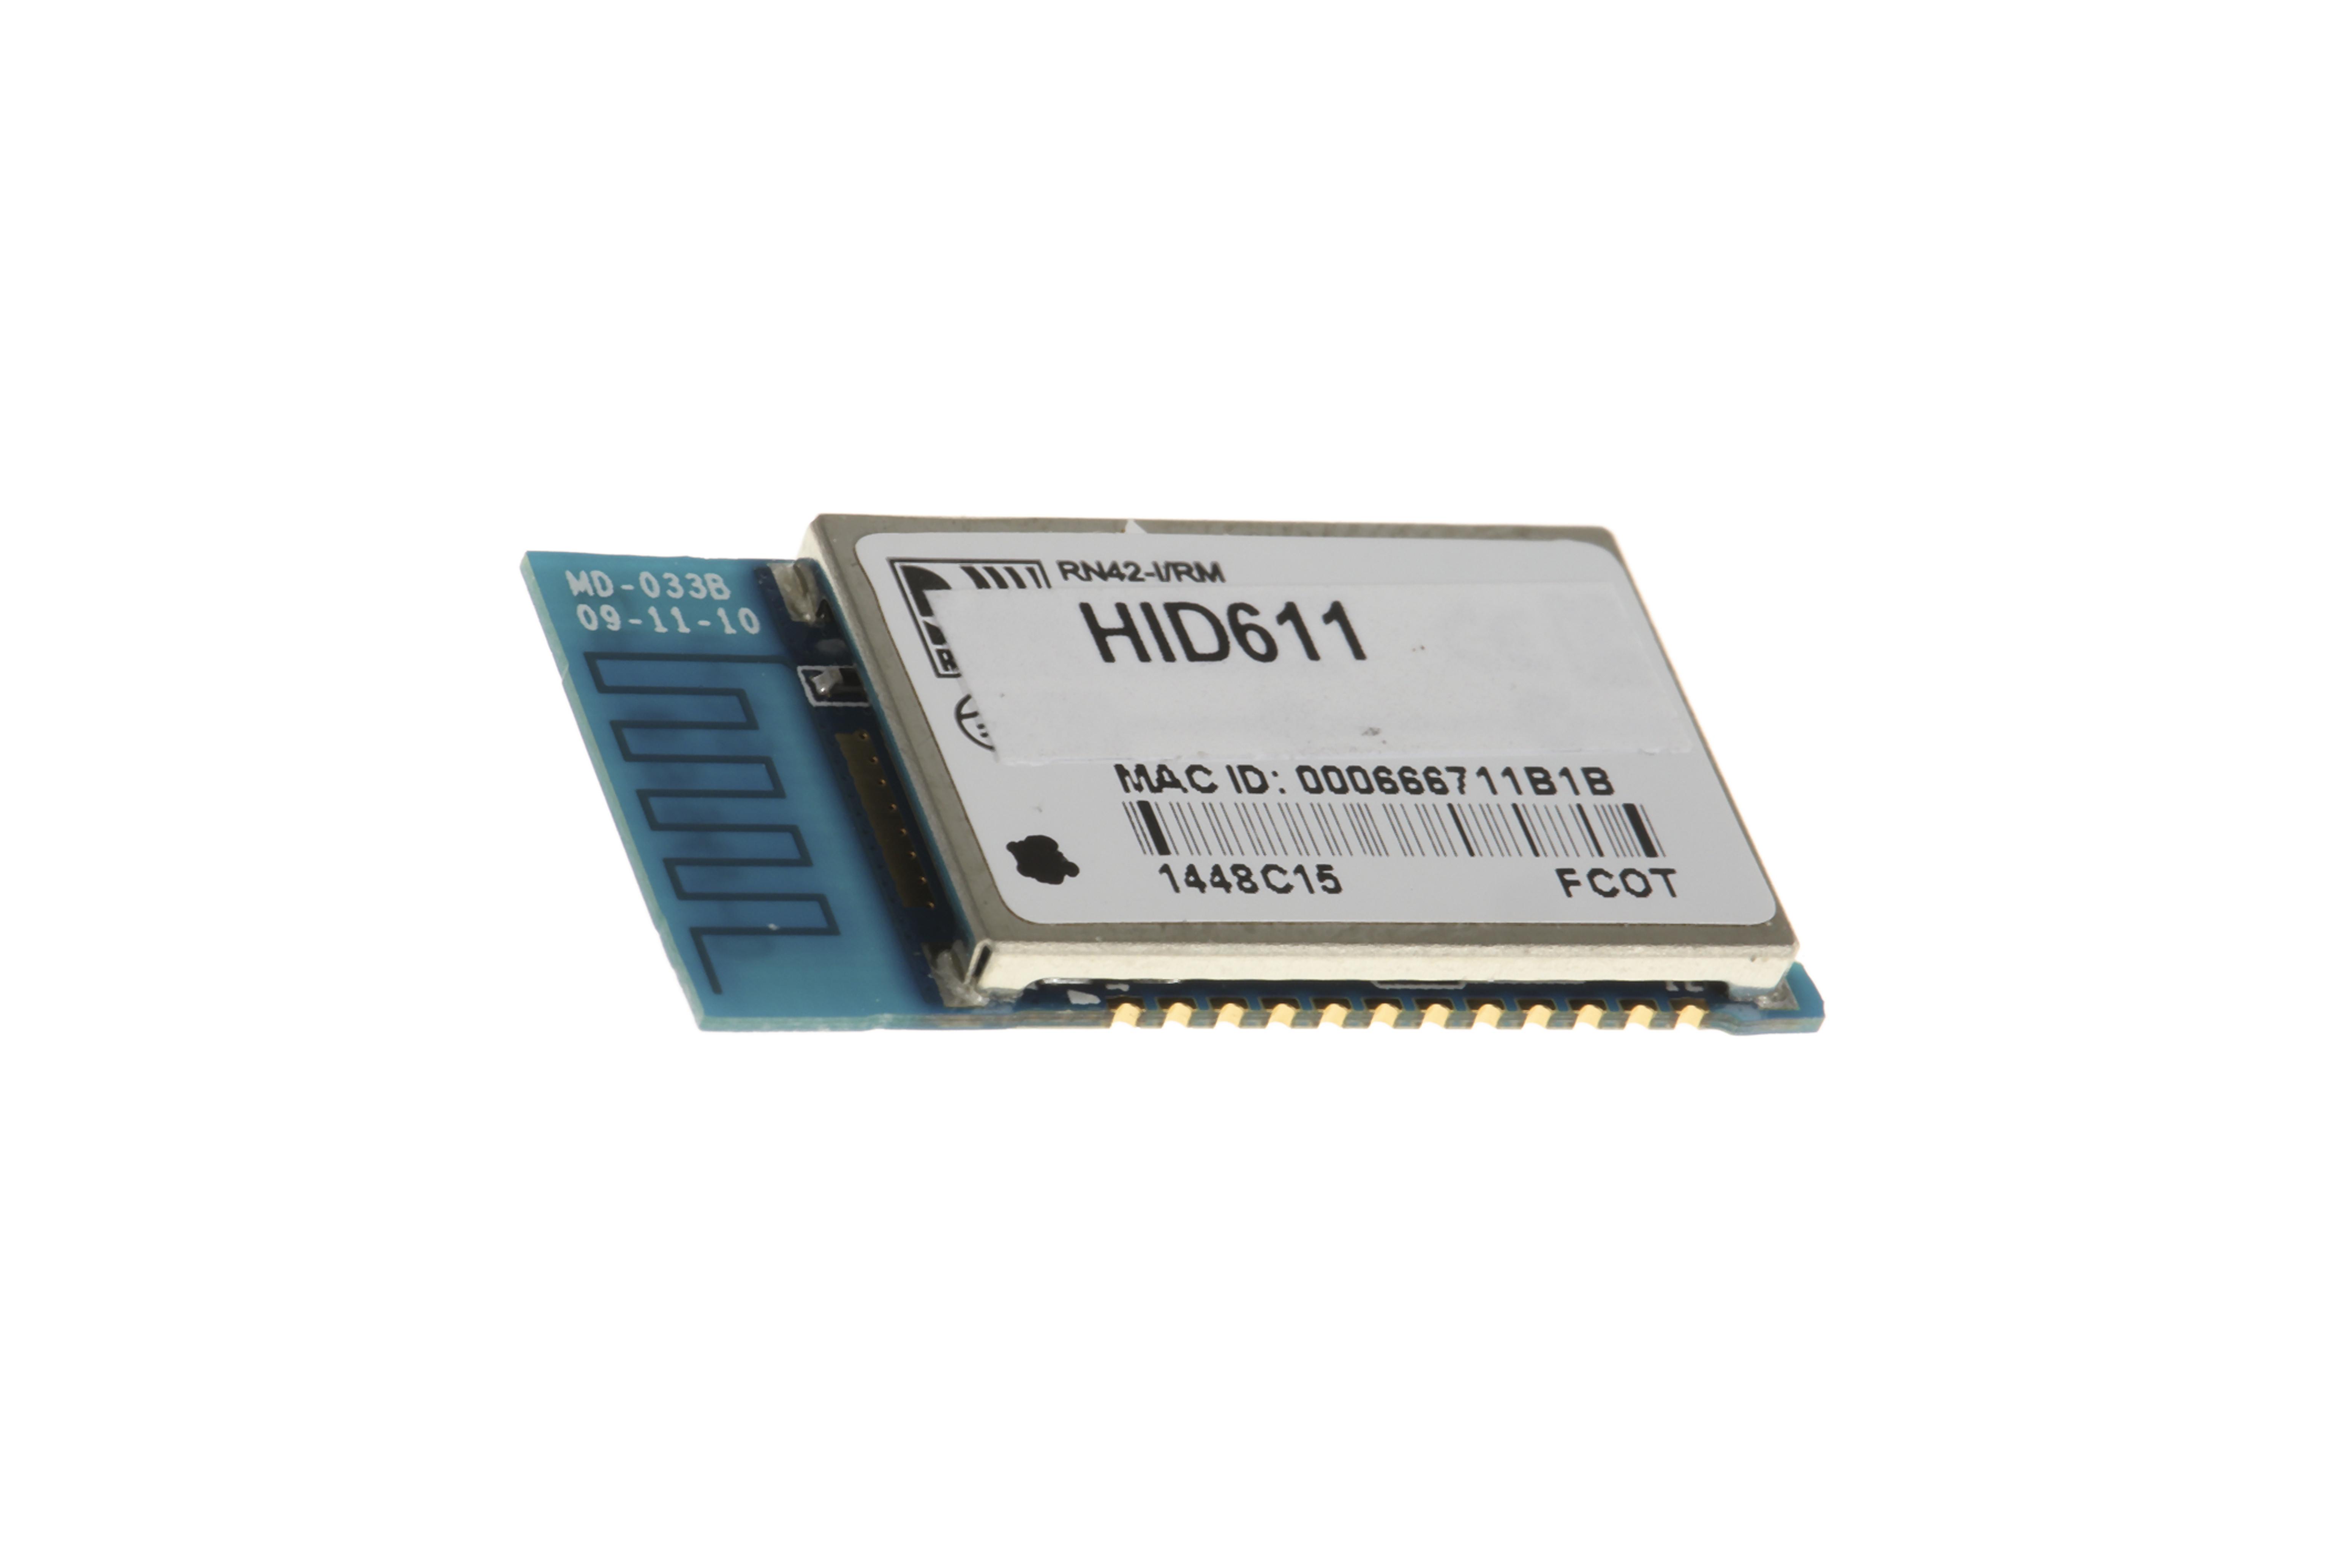 Modulo Bluetooth Classe 2, v2.1, 4dBm